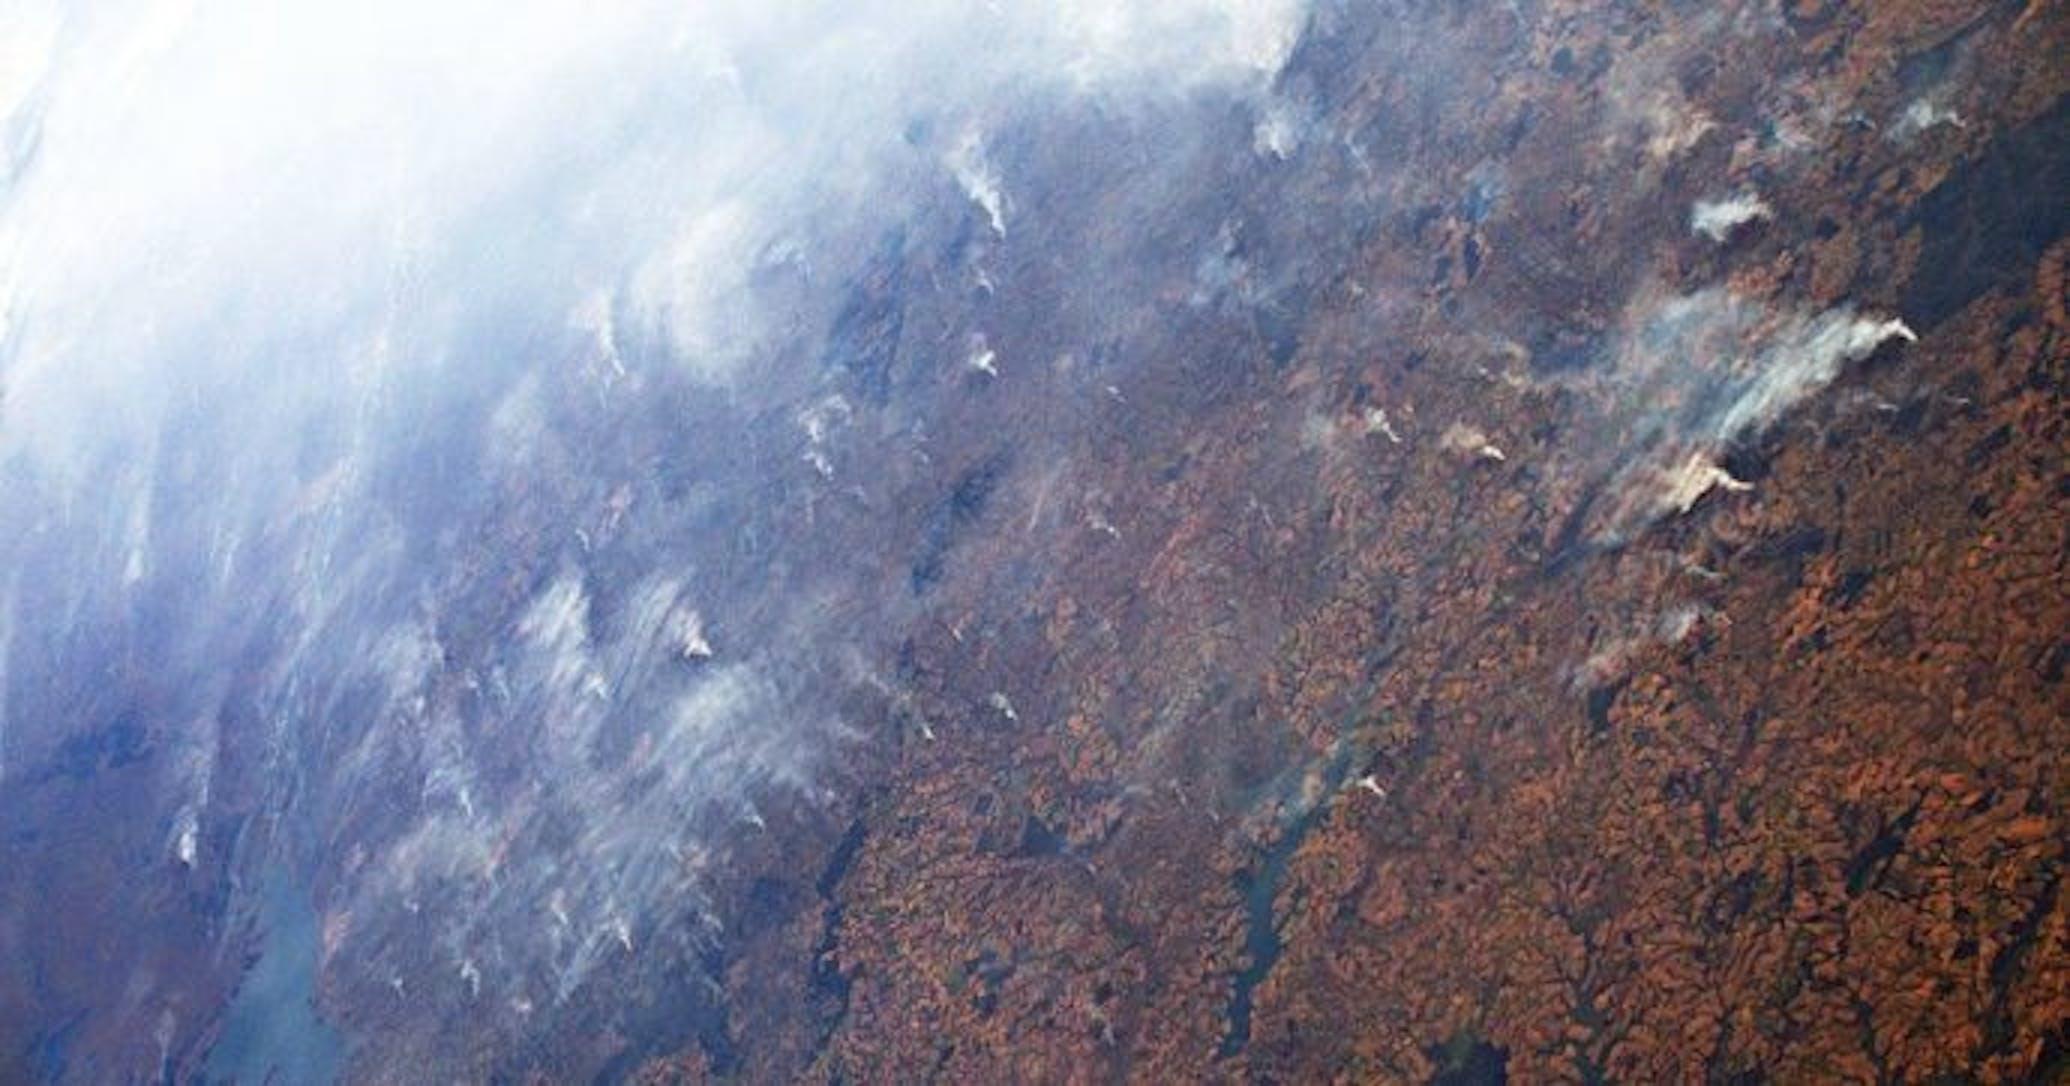 Un'immagine dei roghi in Amazzonia scattata dall'astronauta italiano dell'ESA Luca Parmitano (Goodwill Ambassador UNICEF Italia) a bordo della Stazione Spaziale Internazionale